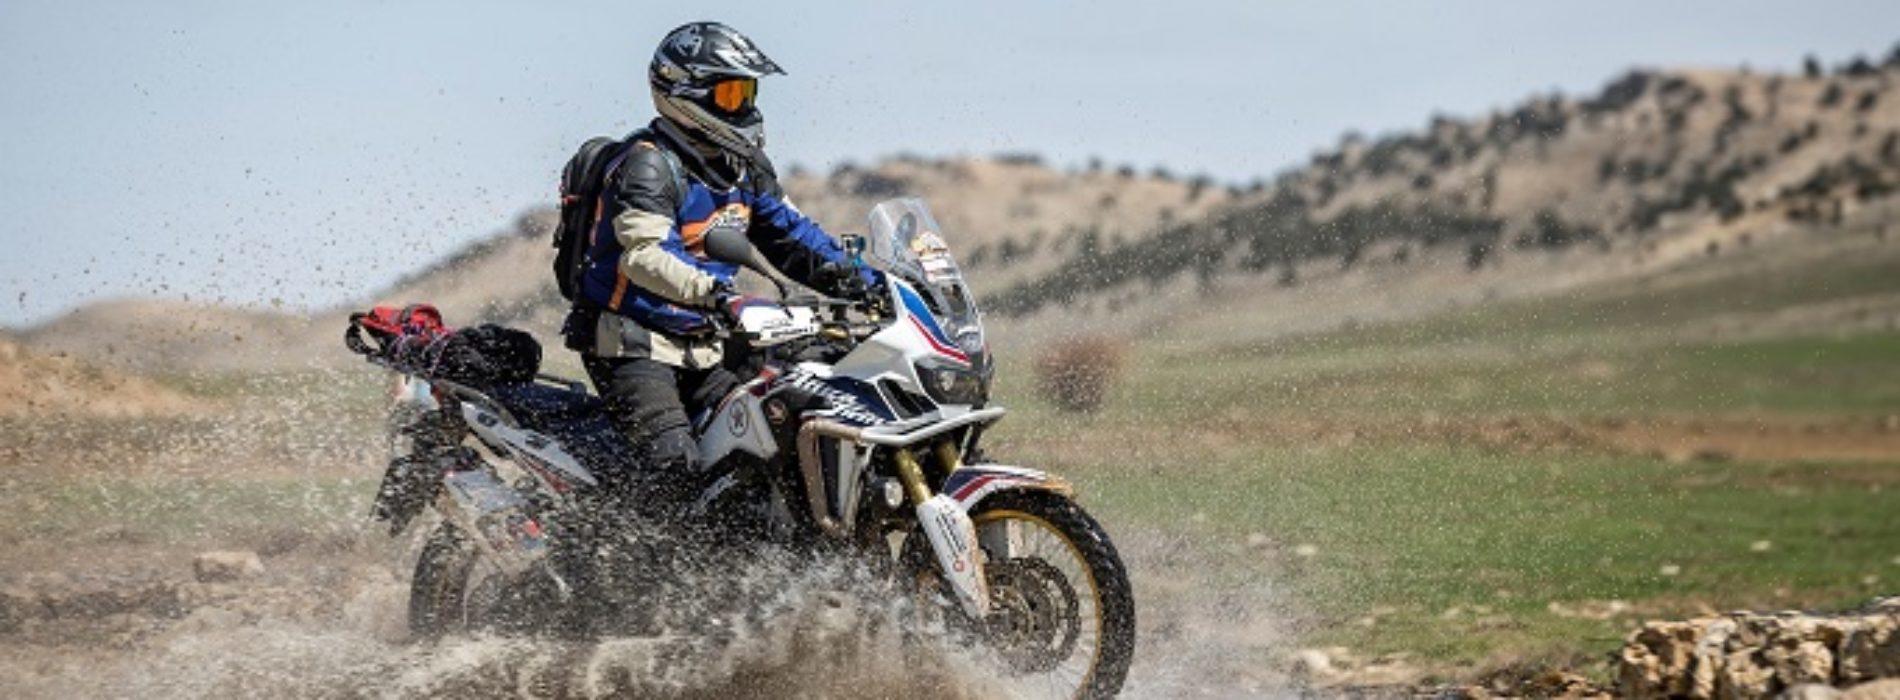 Honda anuncia segunda edição da aventura 'Africa Twin Marrocos Epic Tour'